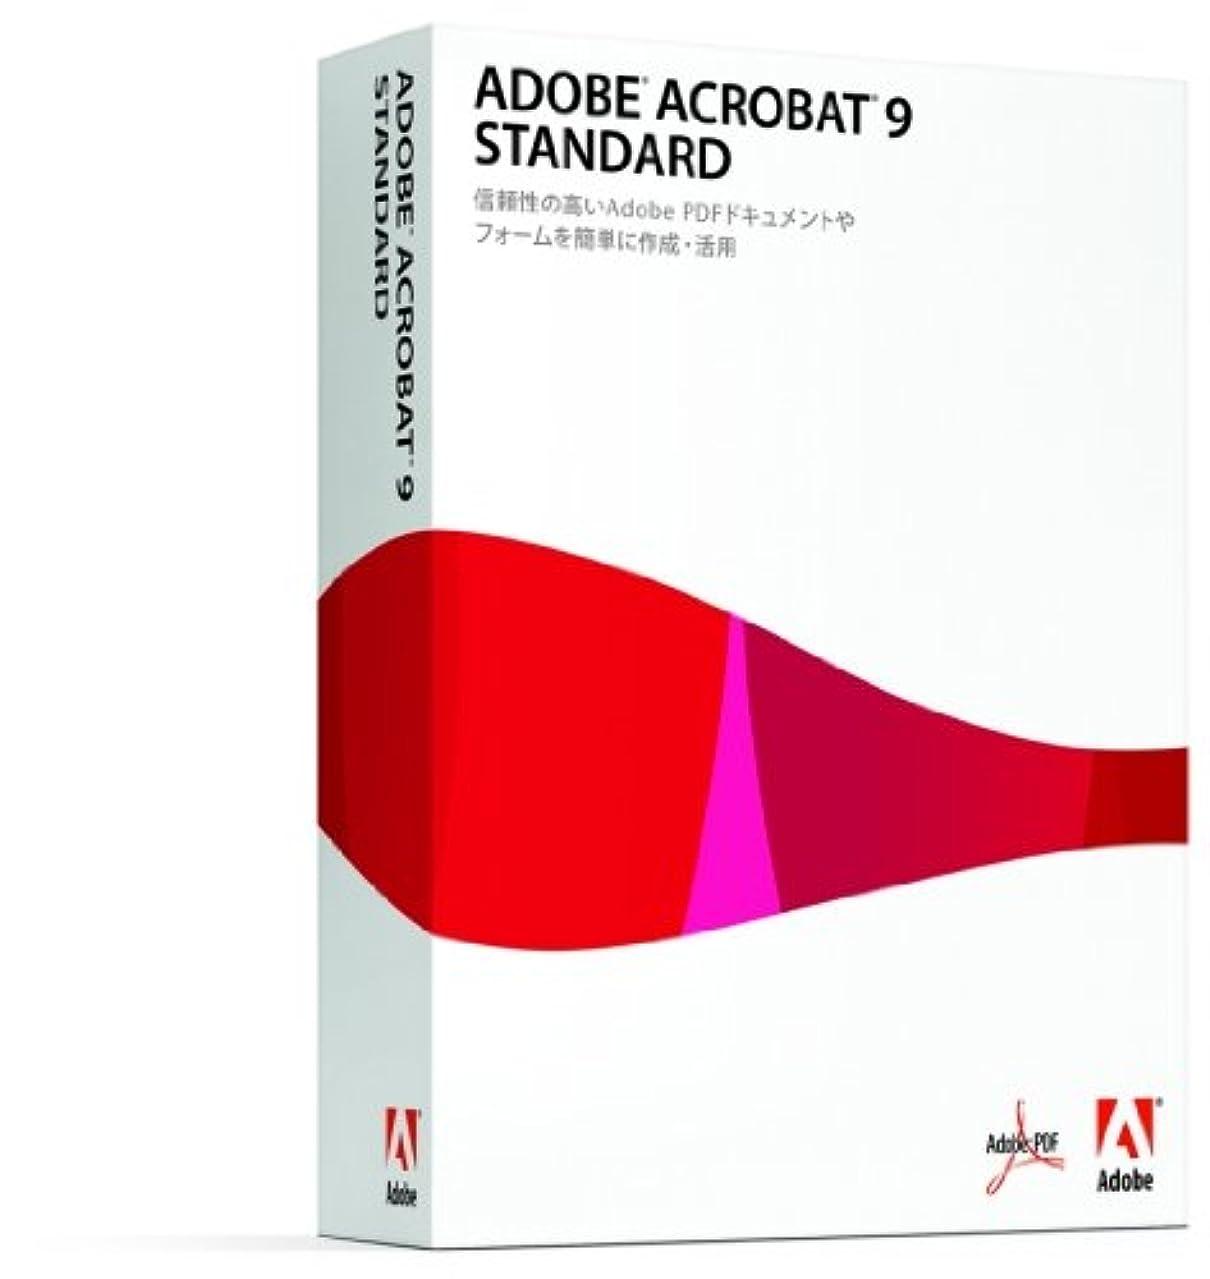 オリエントカトリック教徒石【旧製品】Adobe Acrobat 9 Standard 日本語版 Windows版(サポート終了)